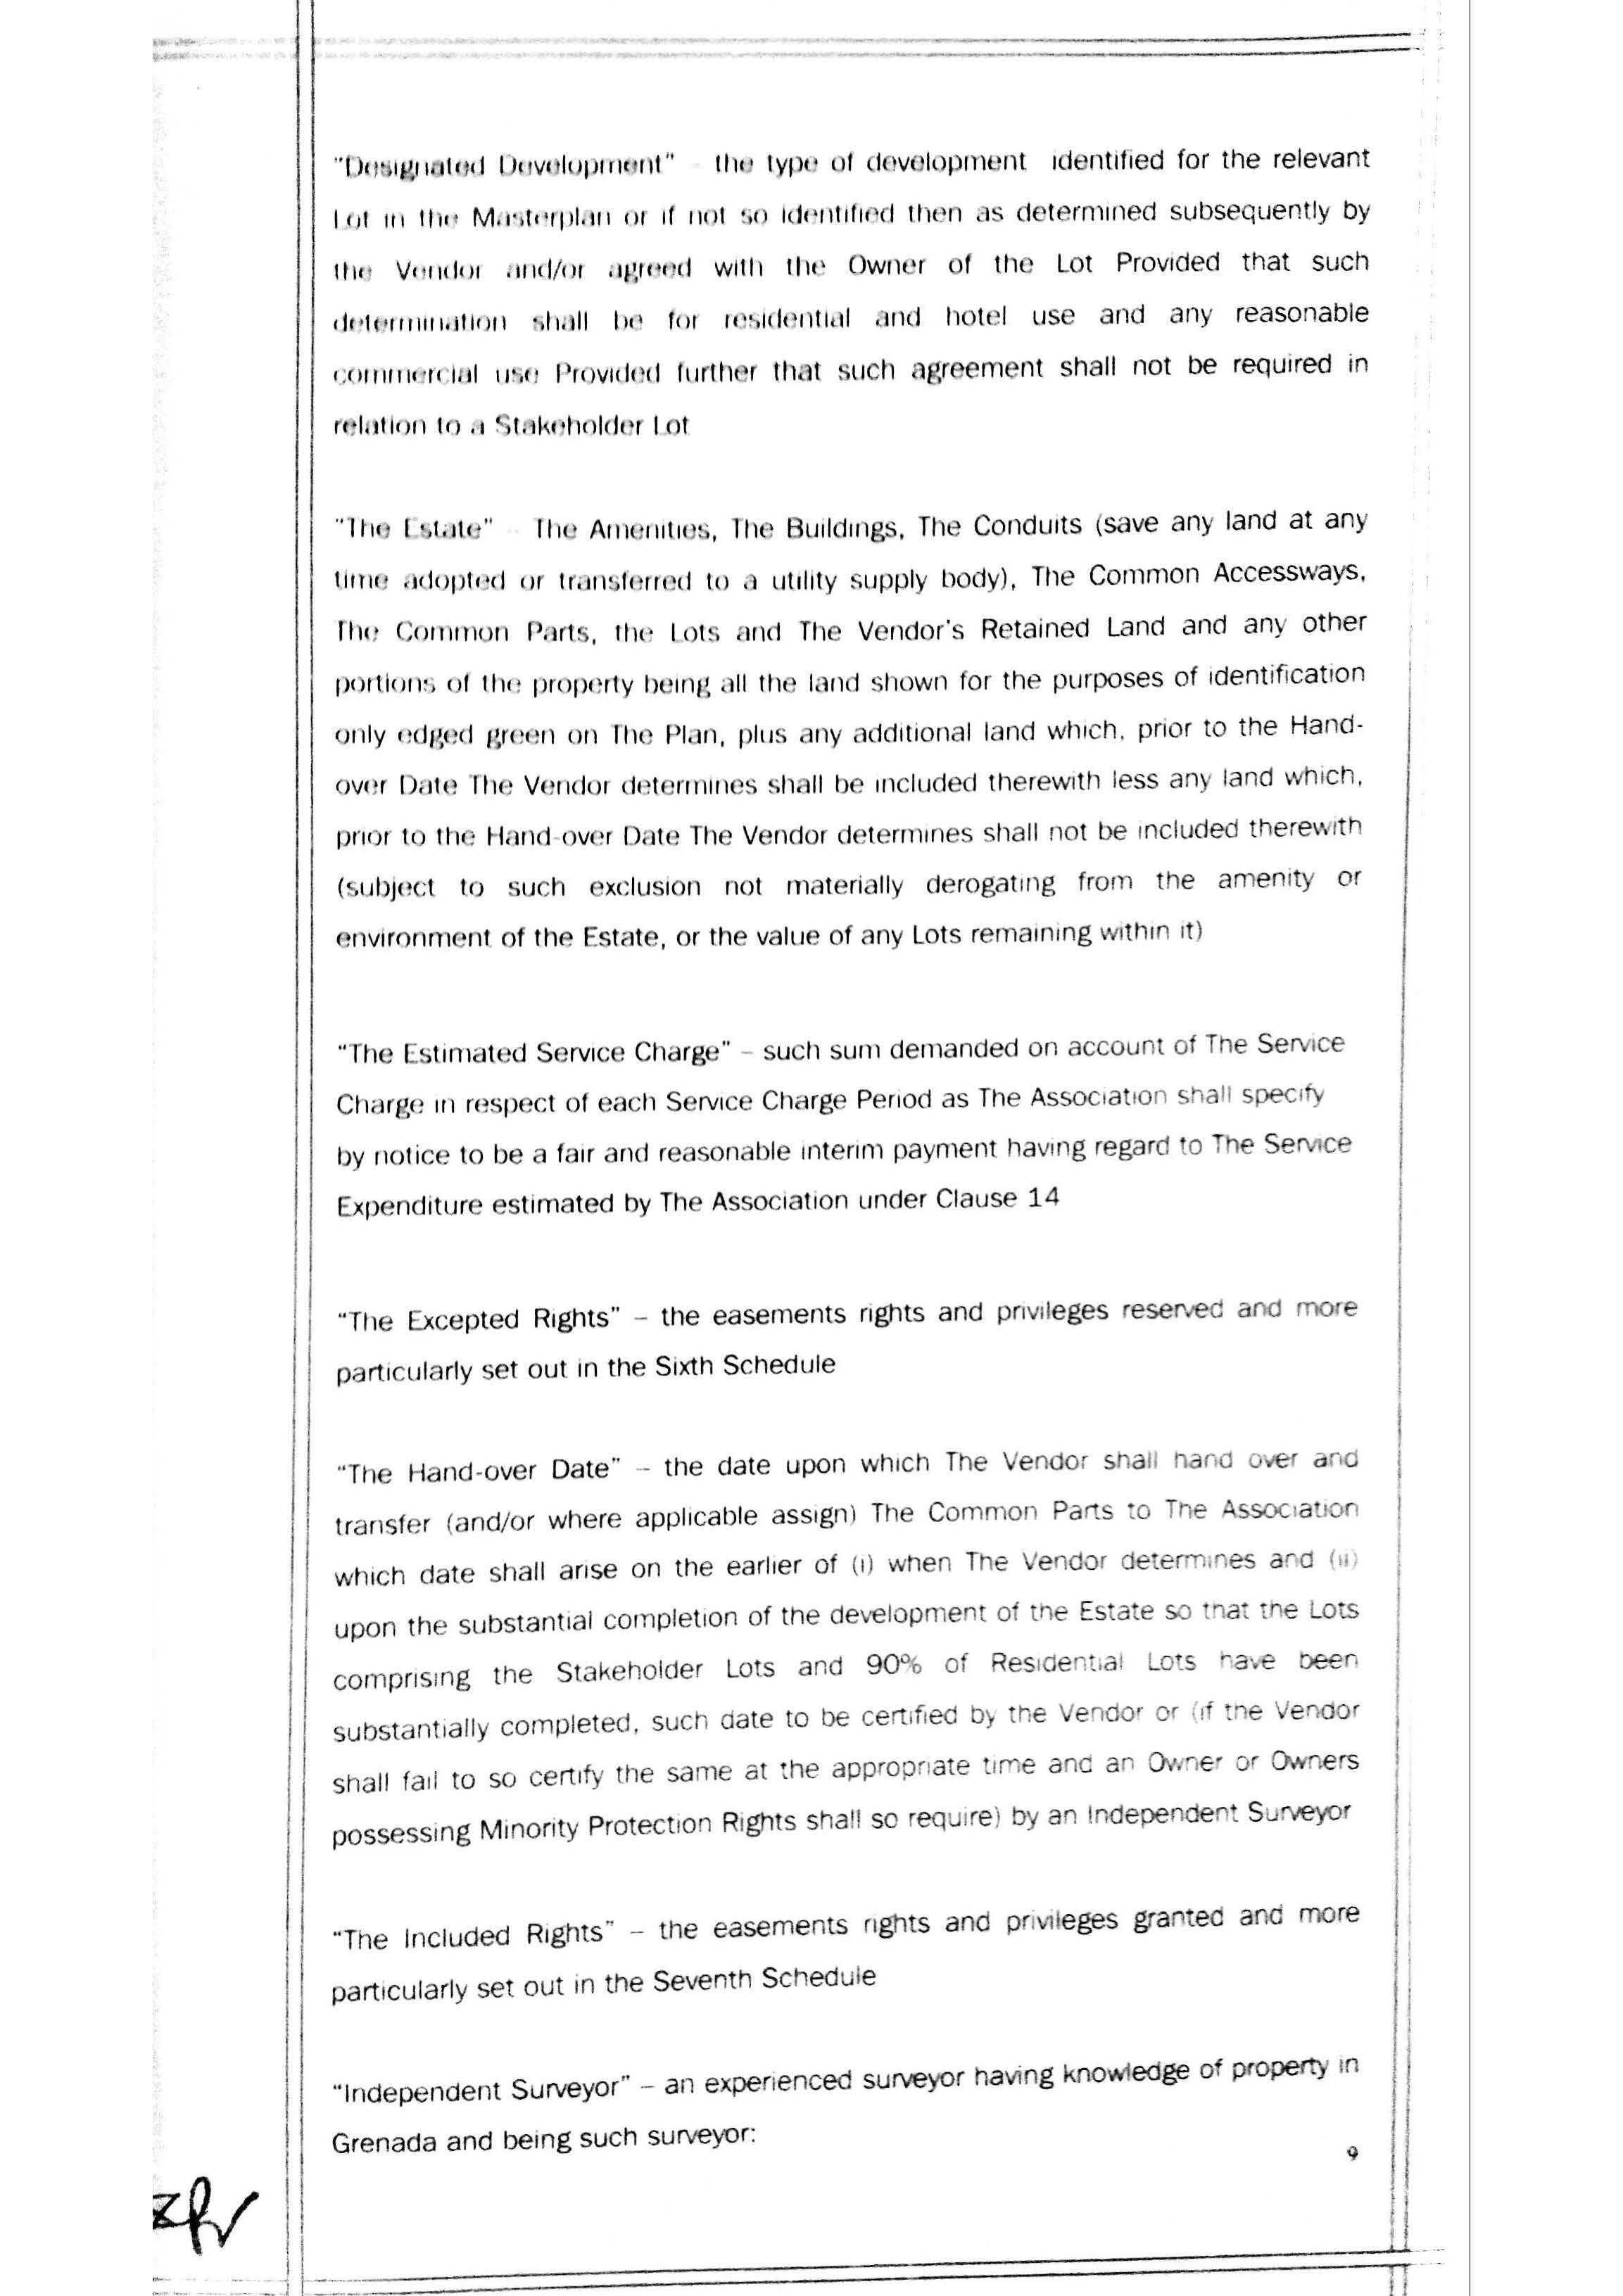 MC Indenture_Page_10.jpg